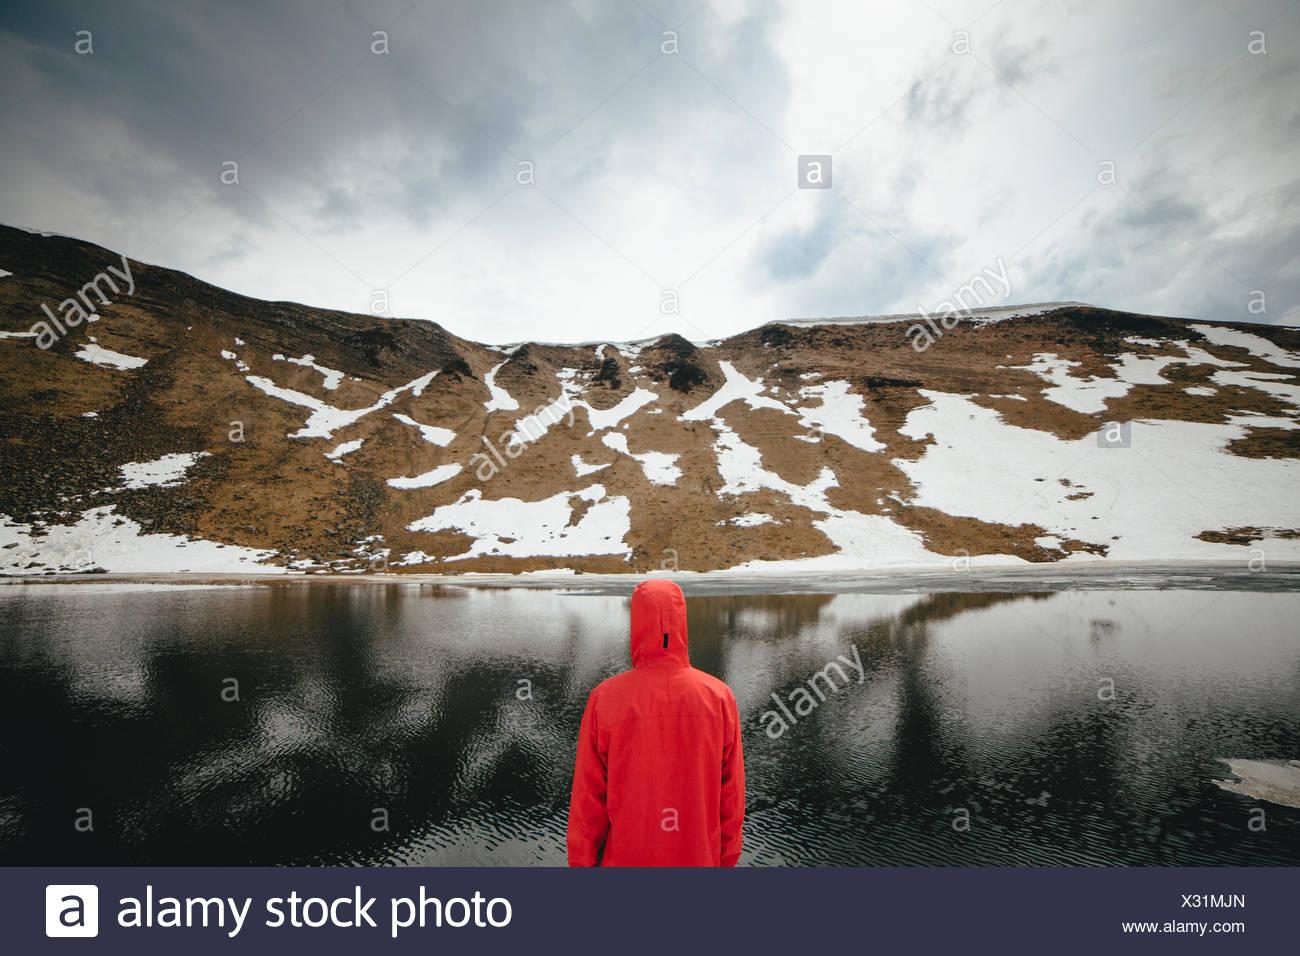 Vista posterior del joven mirando al lago de montaña Imagen De Stock